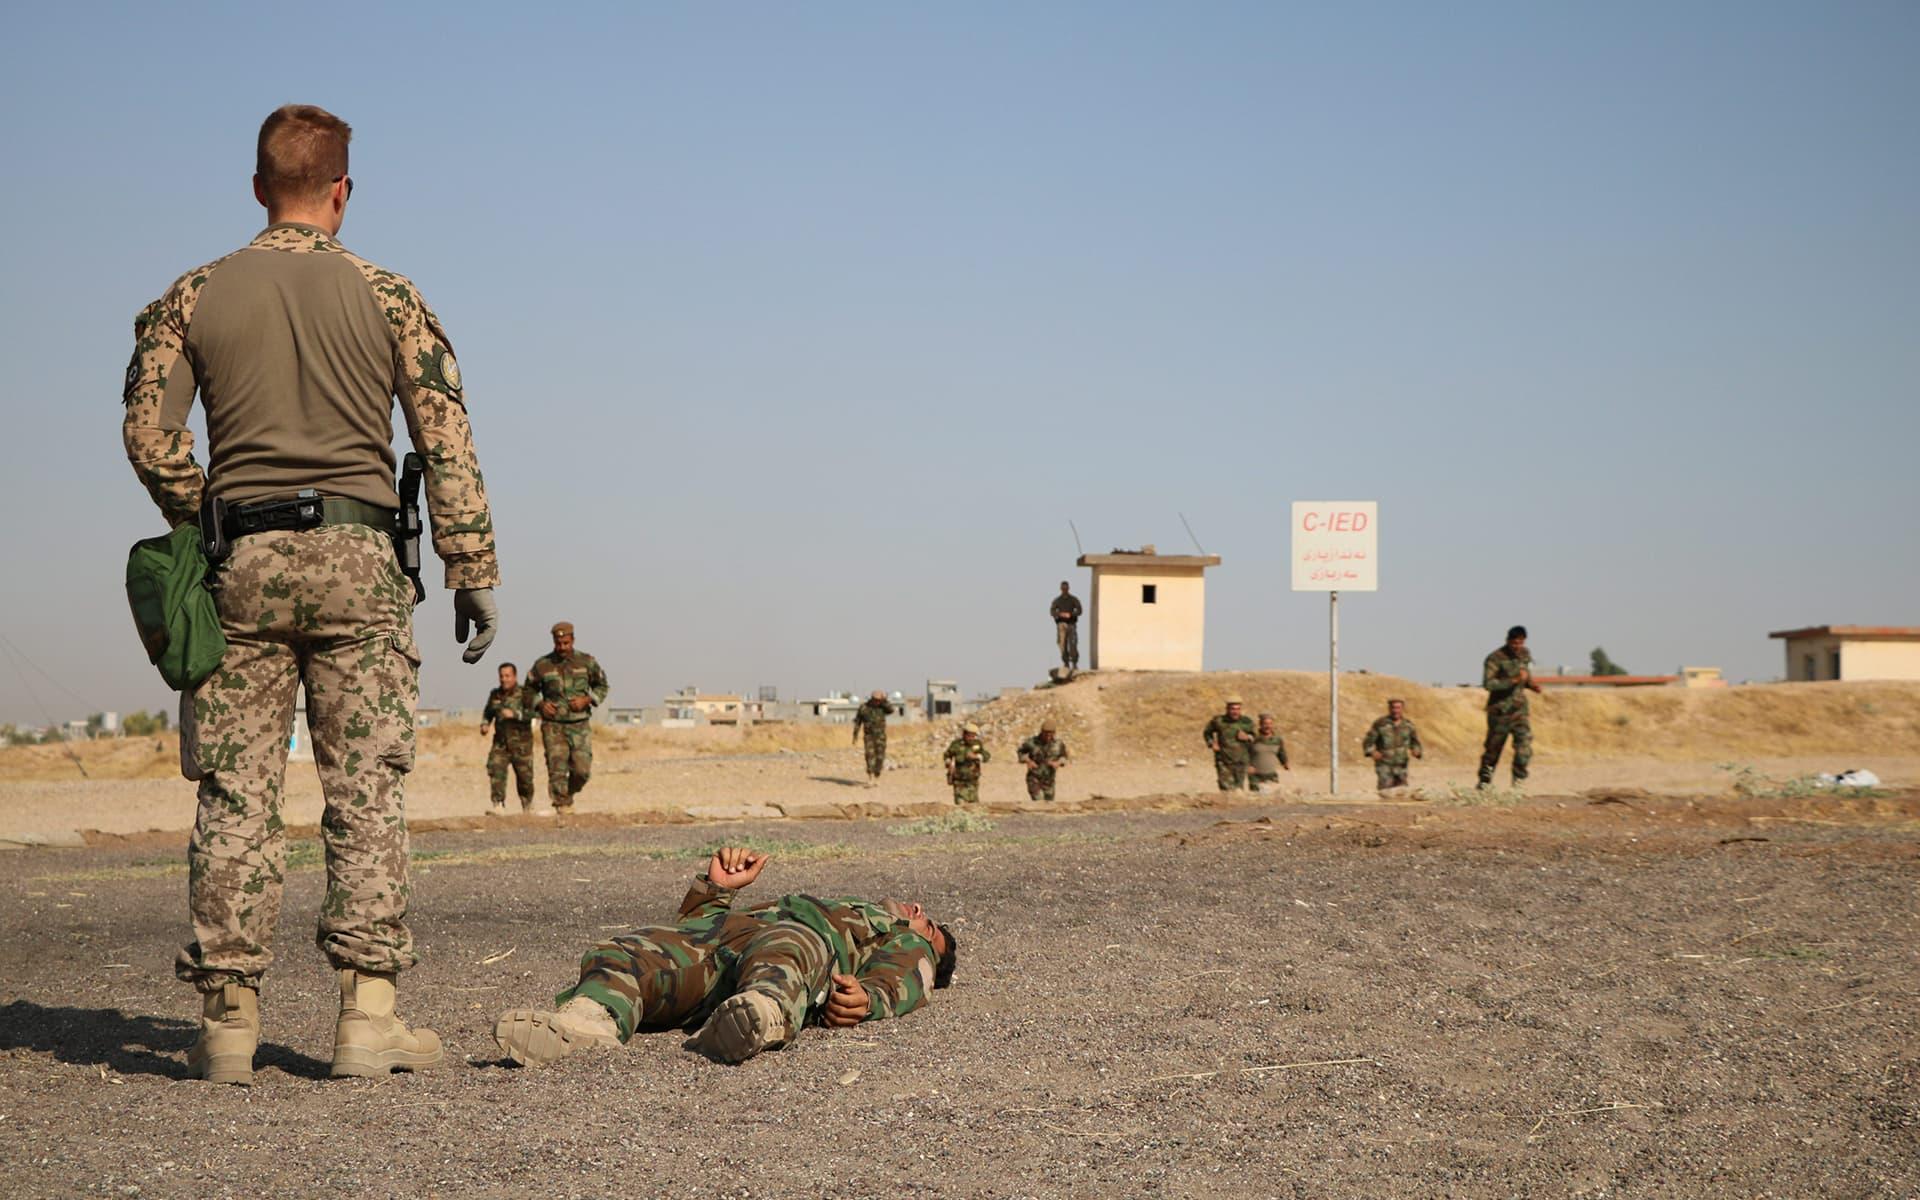 Suomalaiset kriisinhallintajoukot antavat taistelulääkintäkoulutusta peshmerga-sotilaille Erbilin lähettyvillä Irakissa loppuvuodesta 2019.